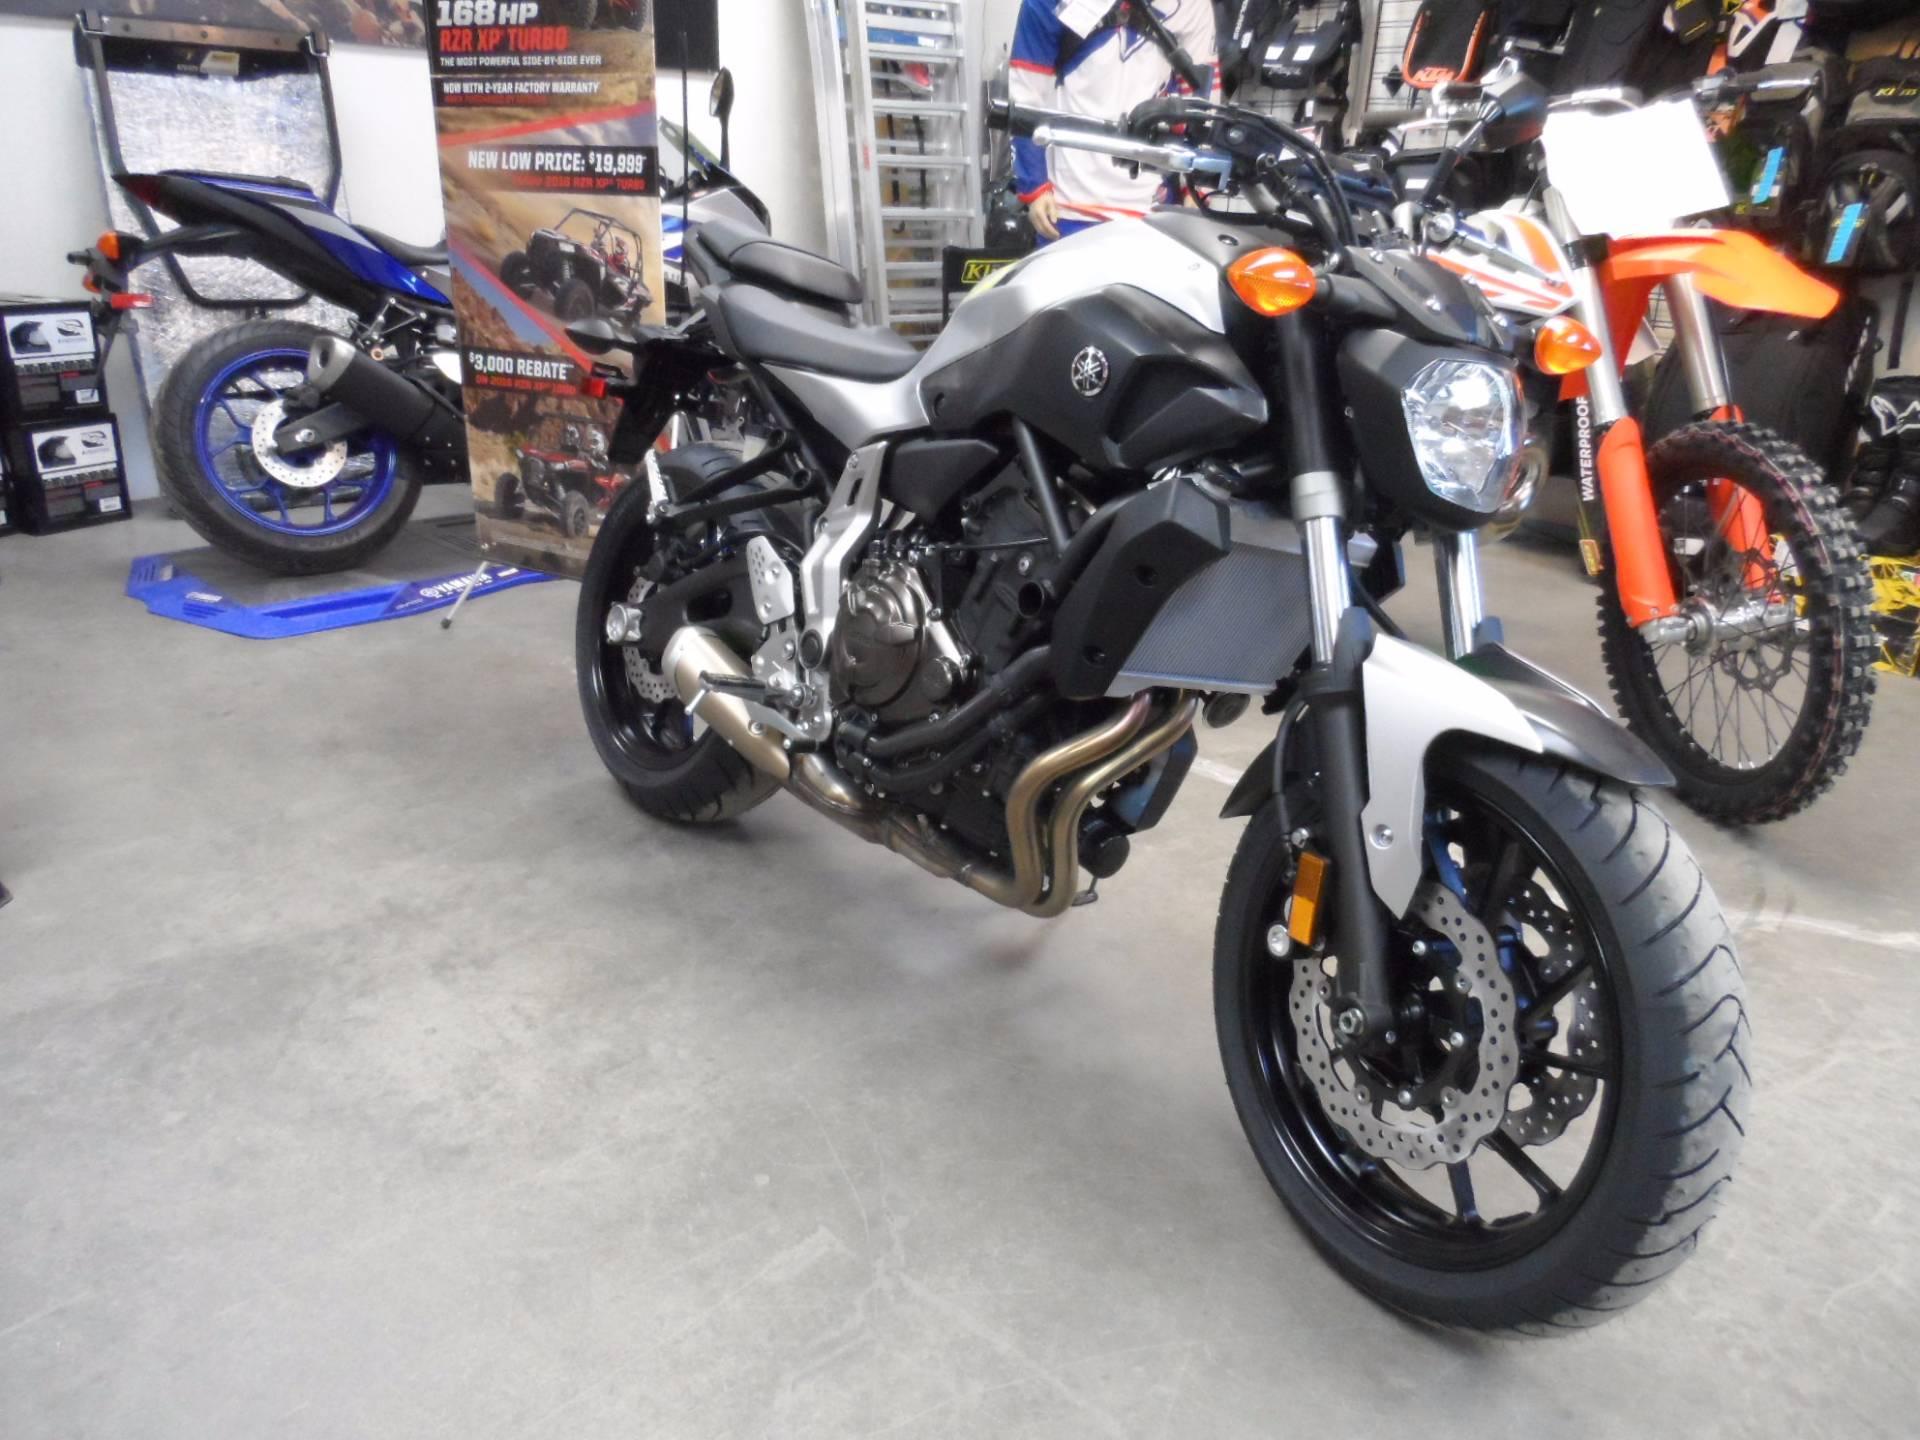 2017 Yamaha FZ-07 6